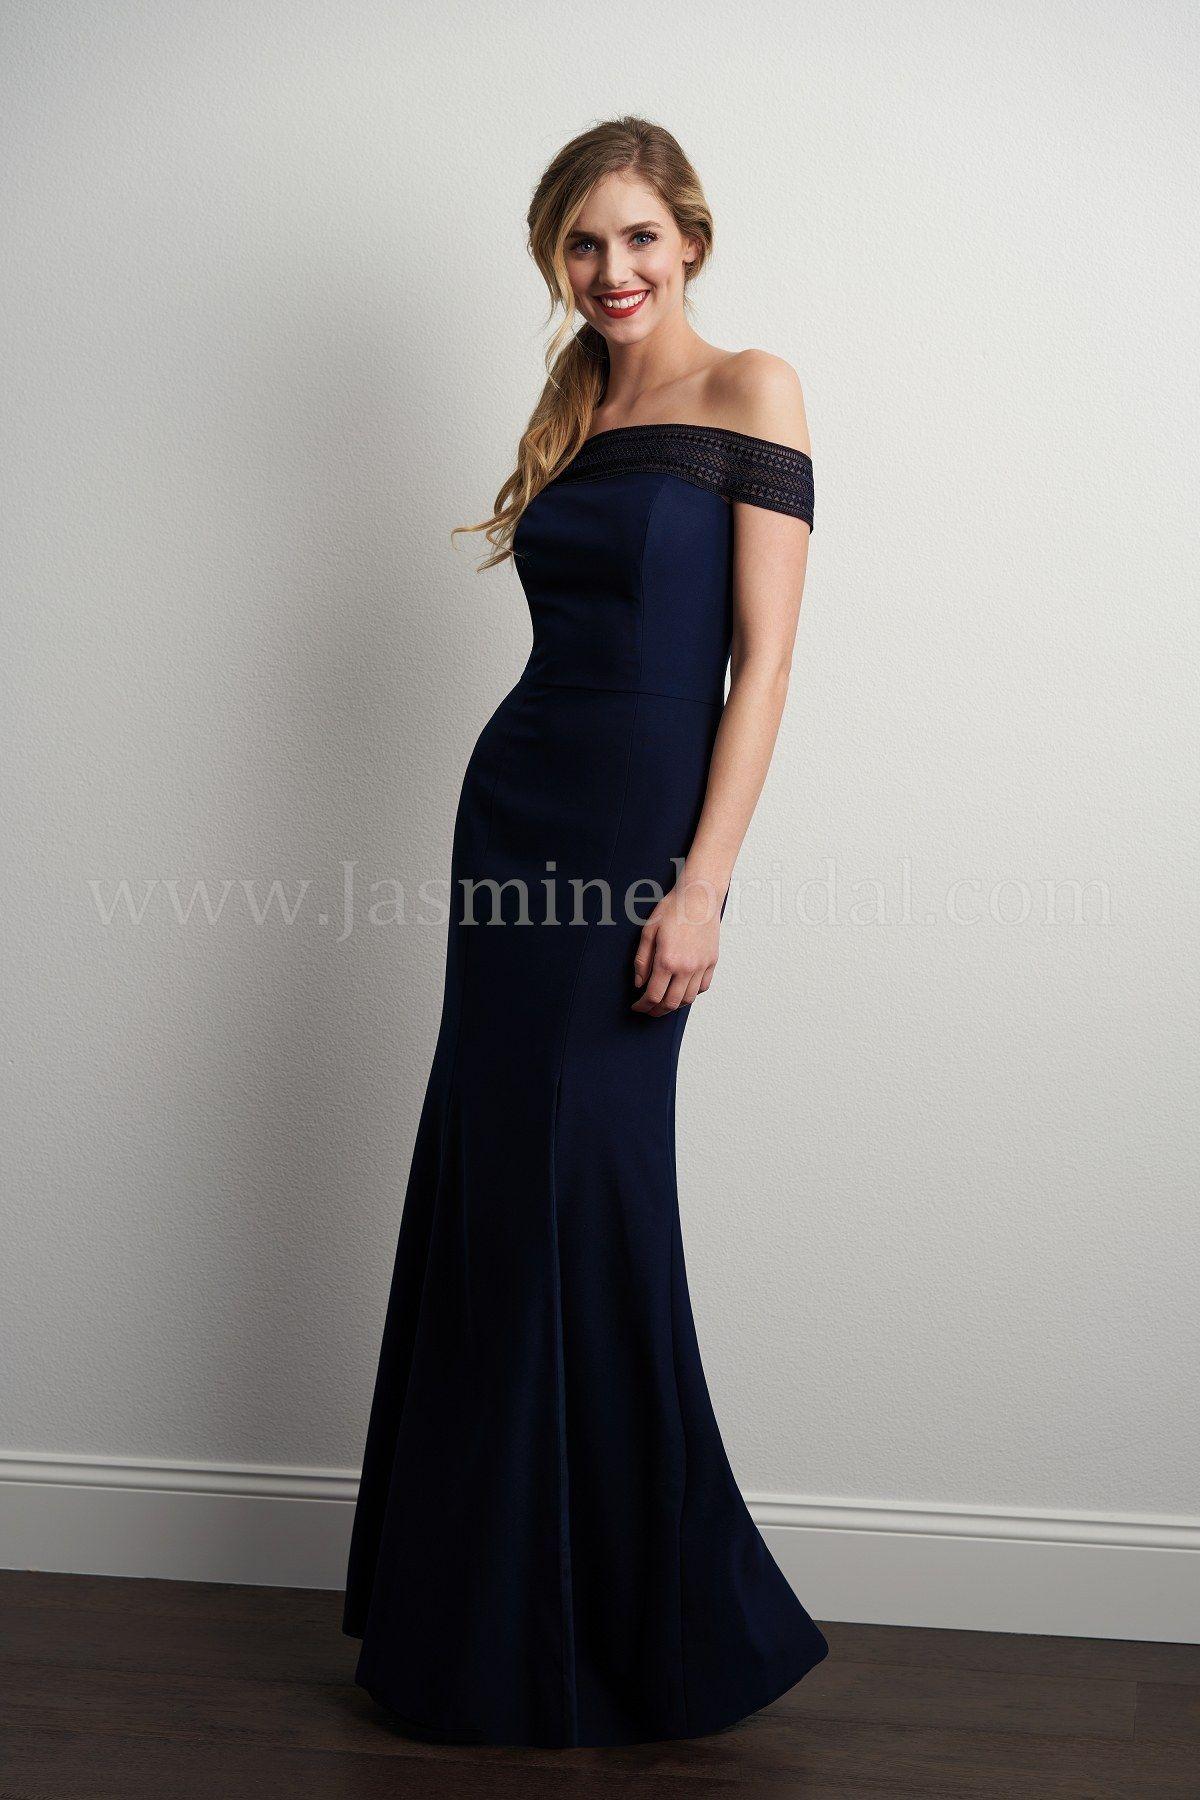 P offtheshoulder lace u soft crepe long bridesmaid dress